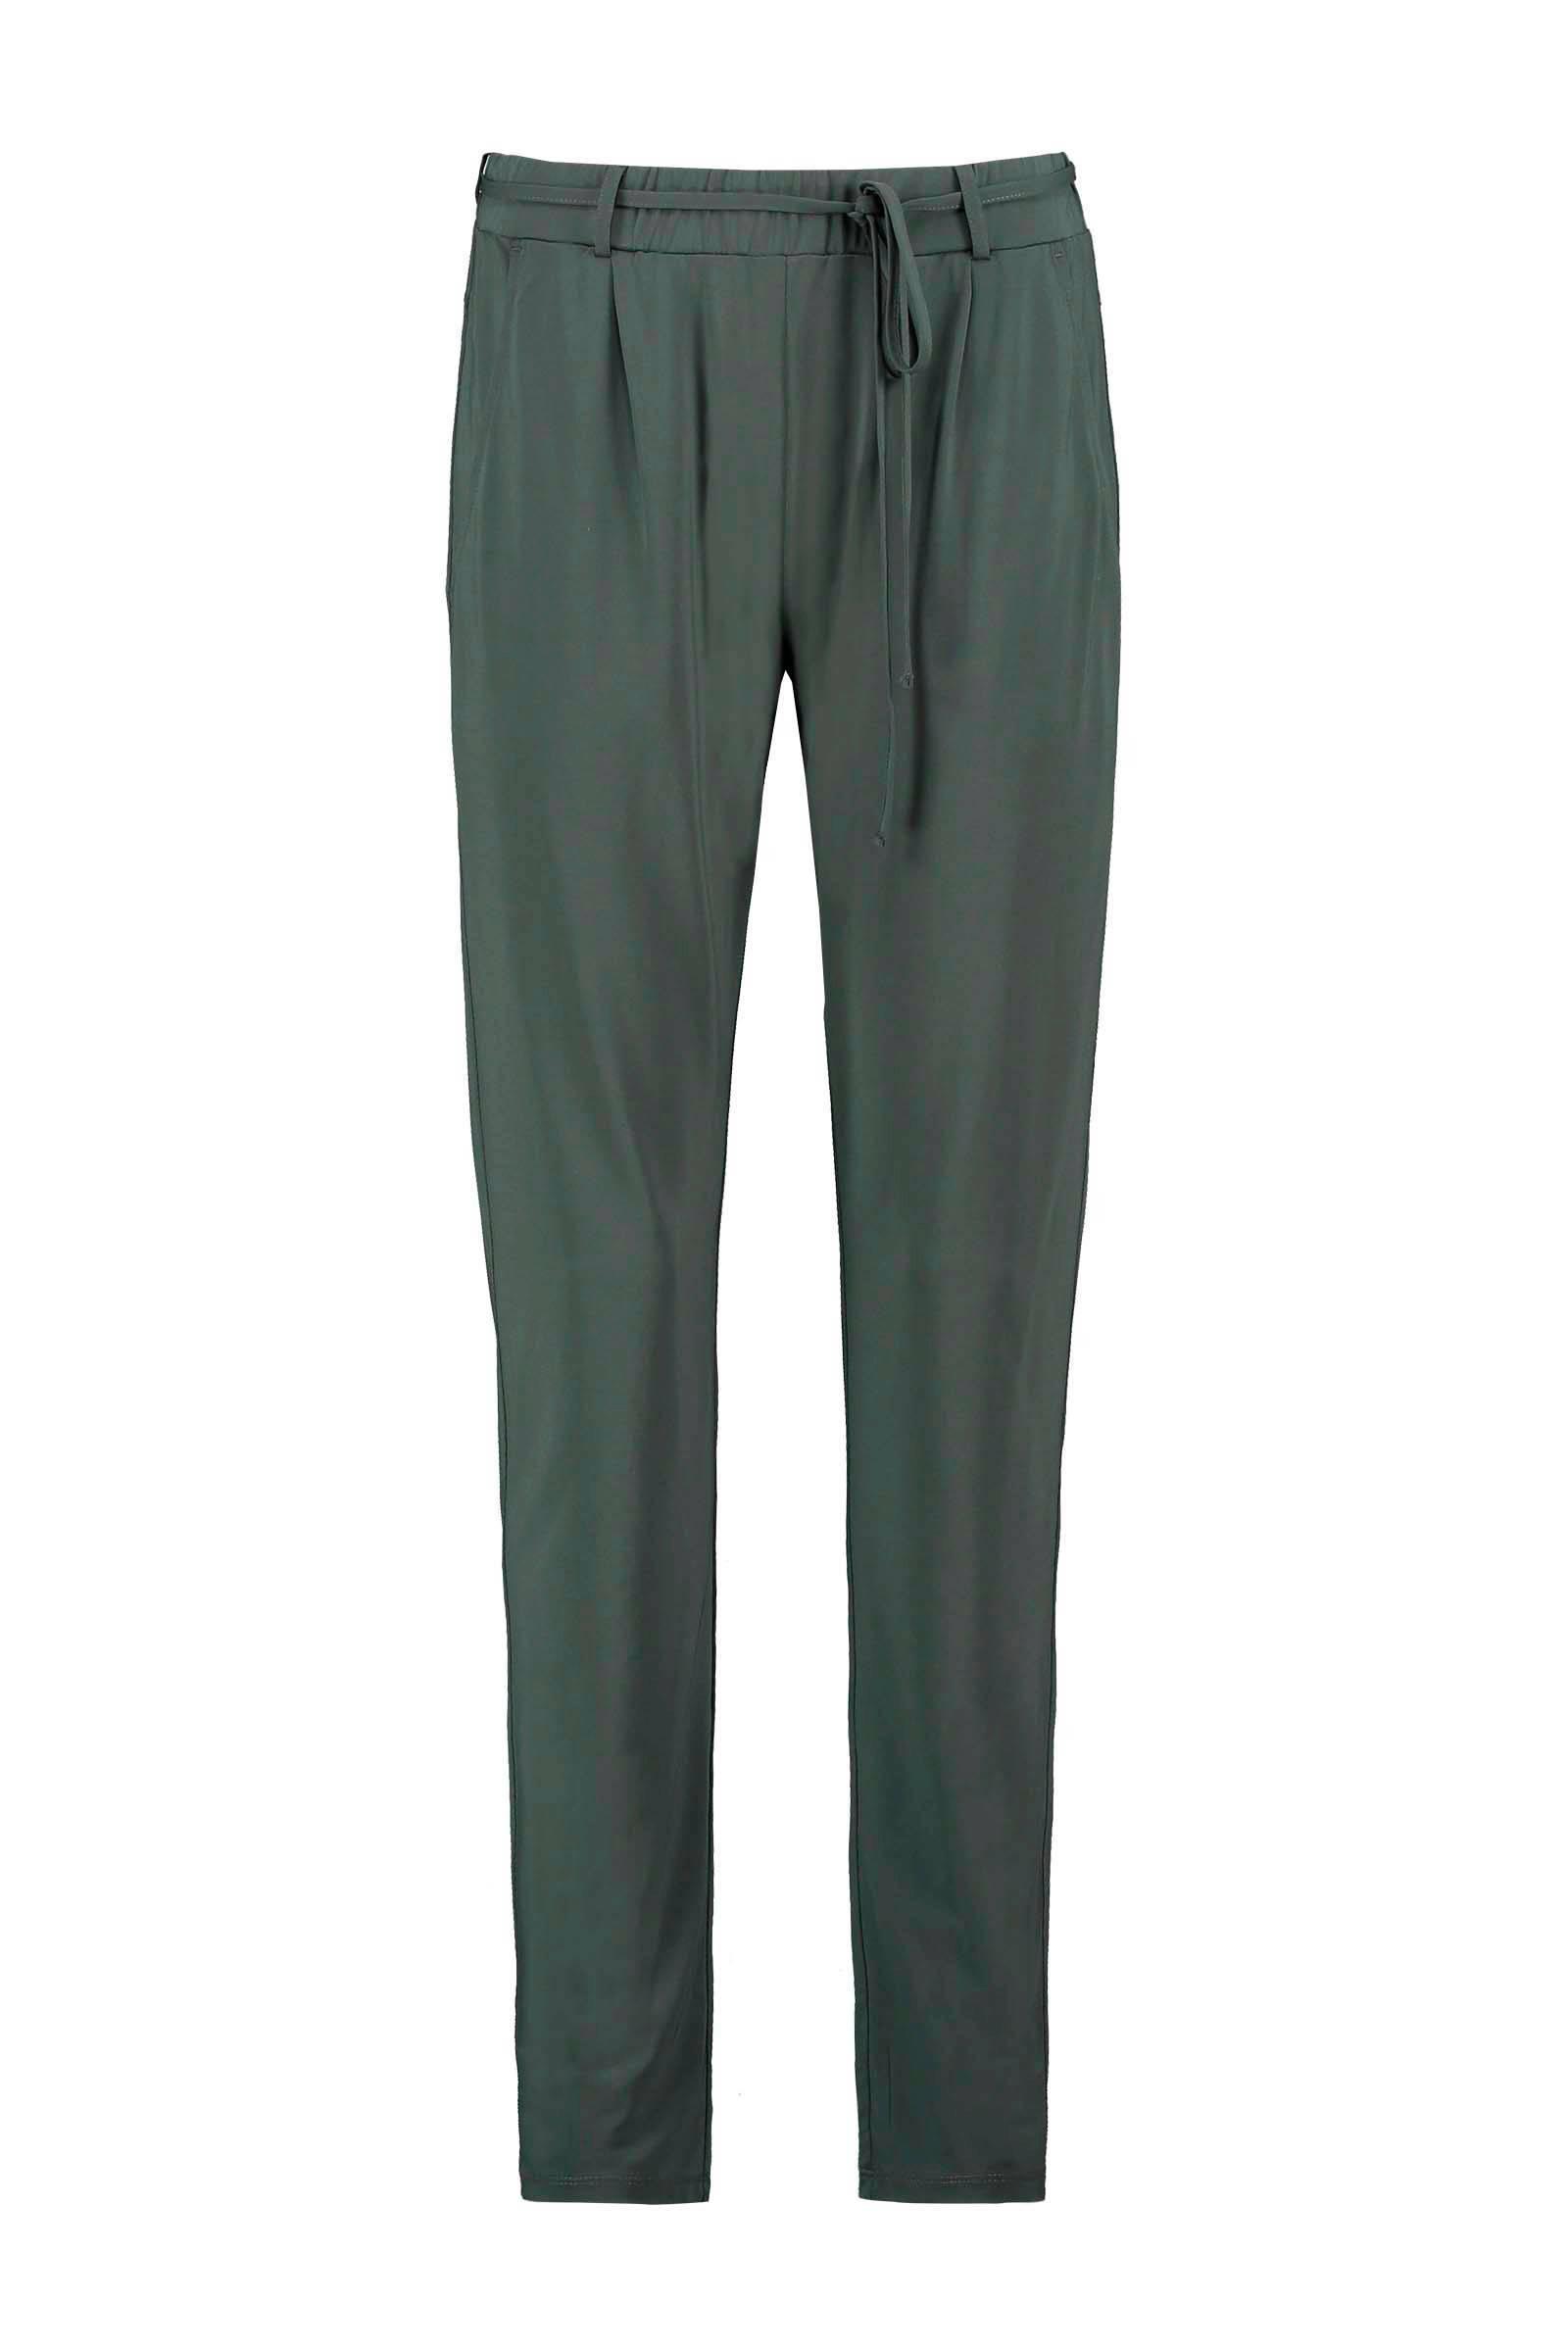 Expresso broeken & jeans bij wehkamp Gratis bezorging